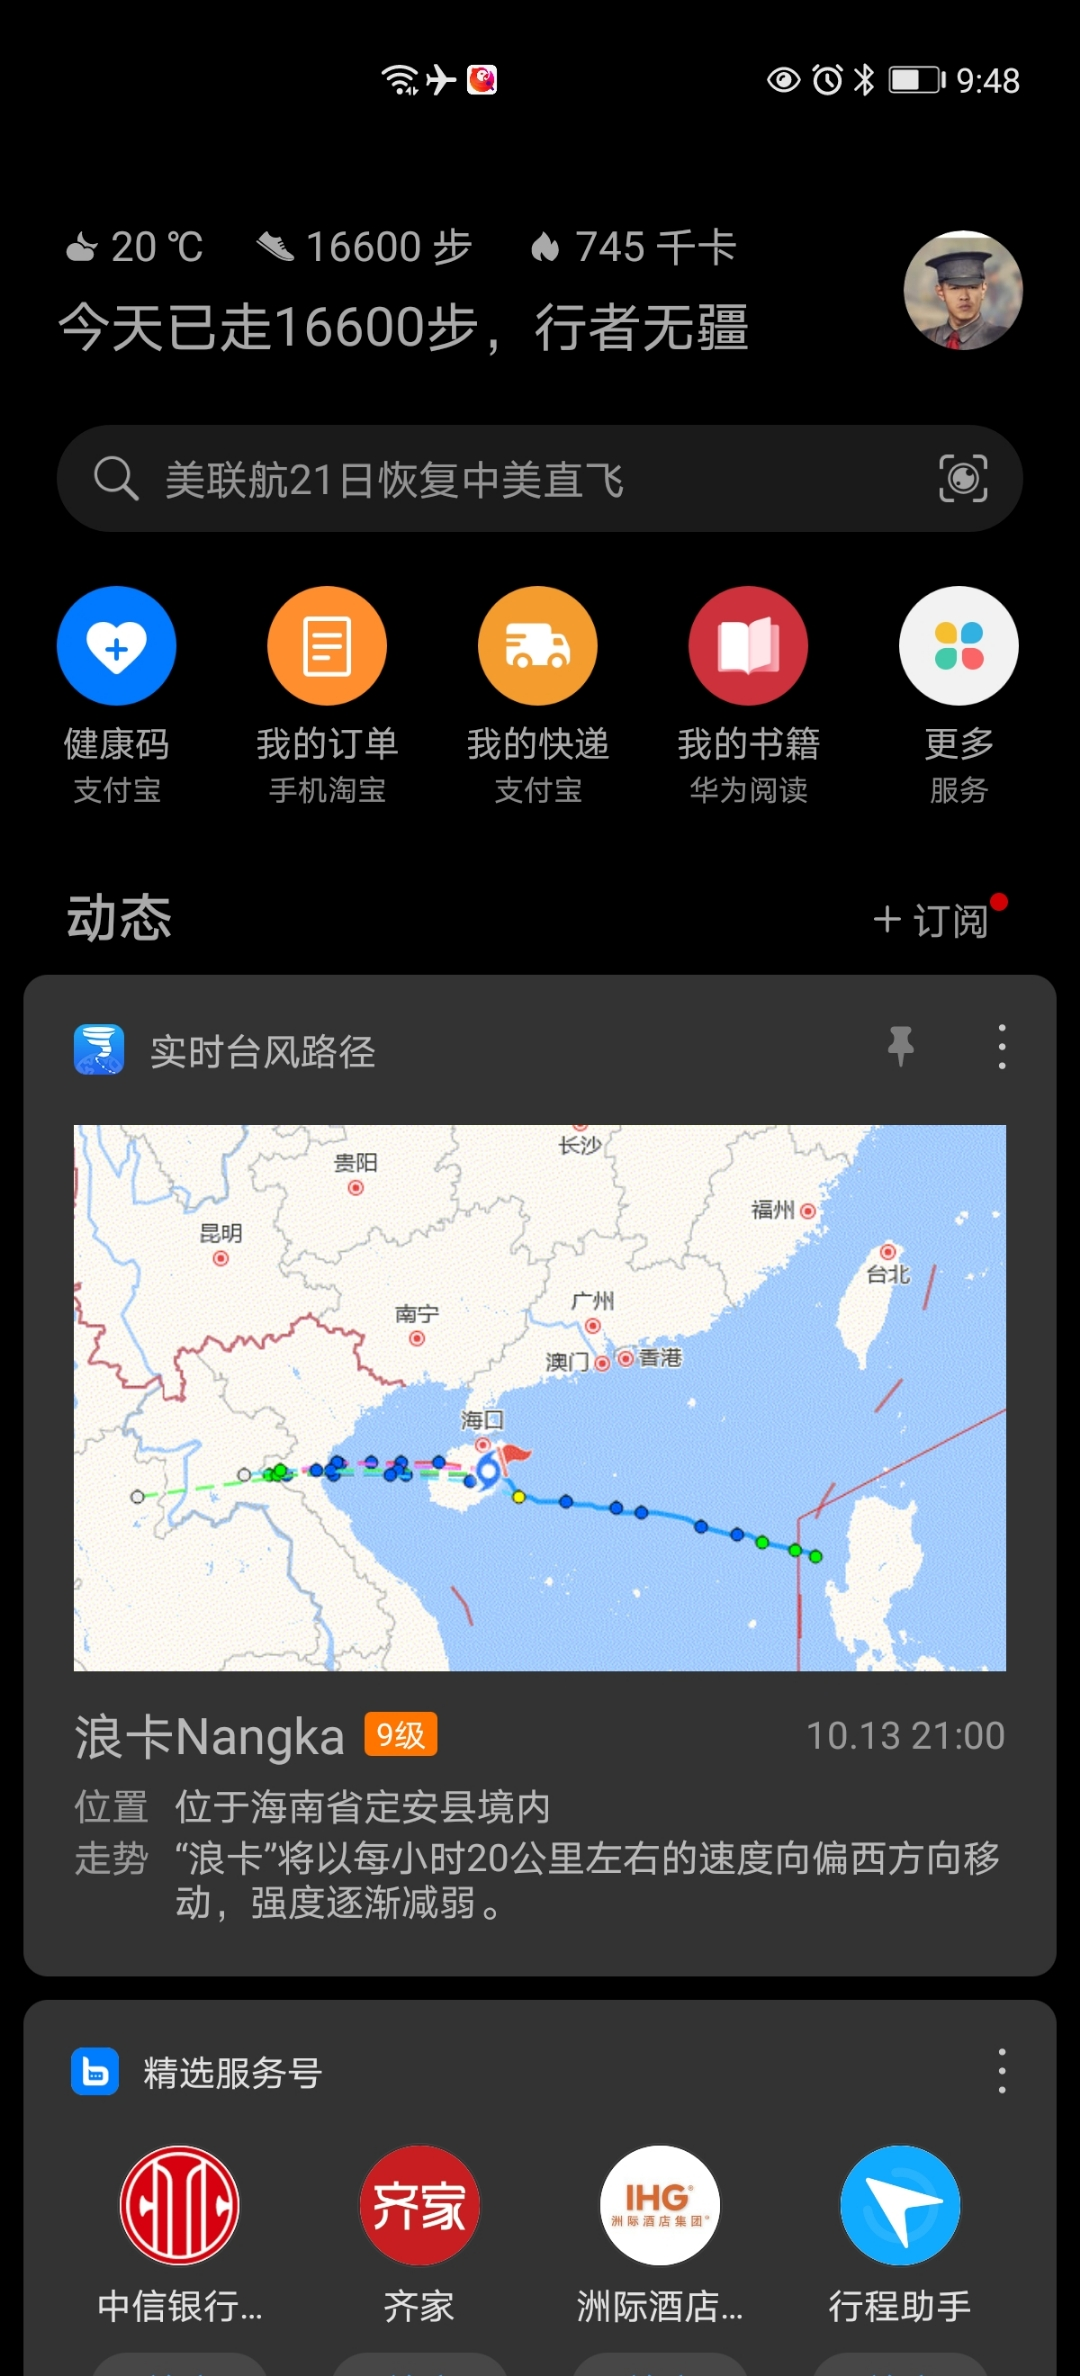 Screenshot_20201013_214805_com.huawei.android.launcher.jpg